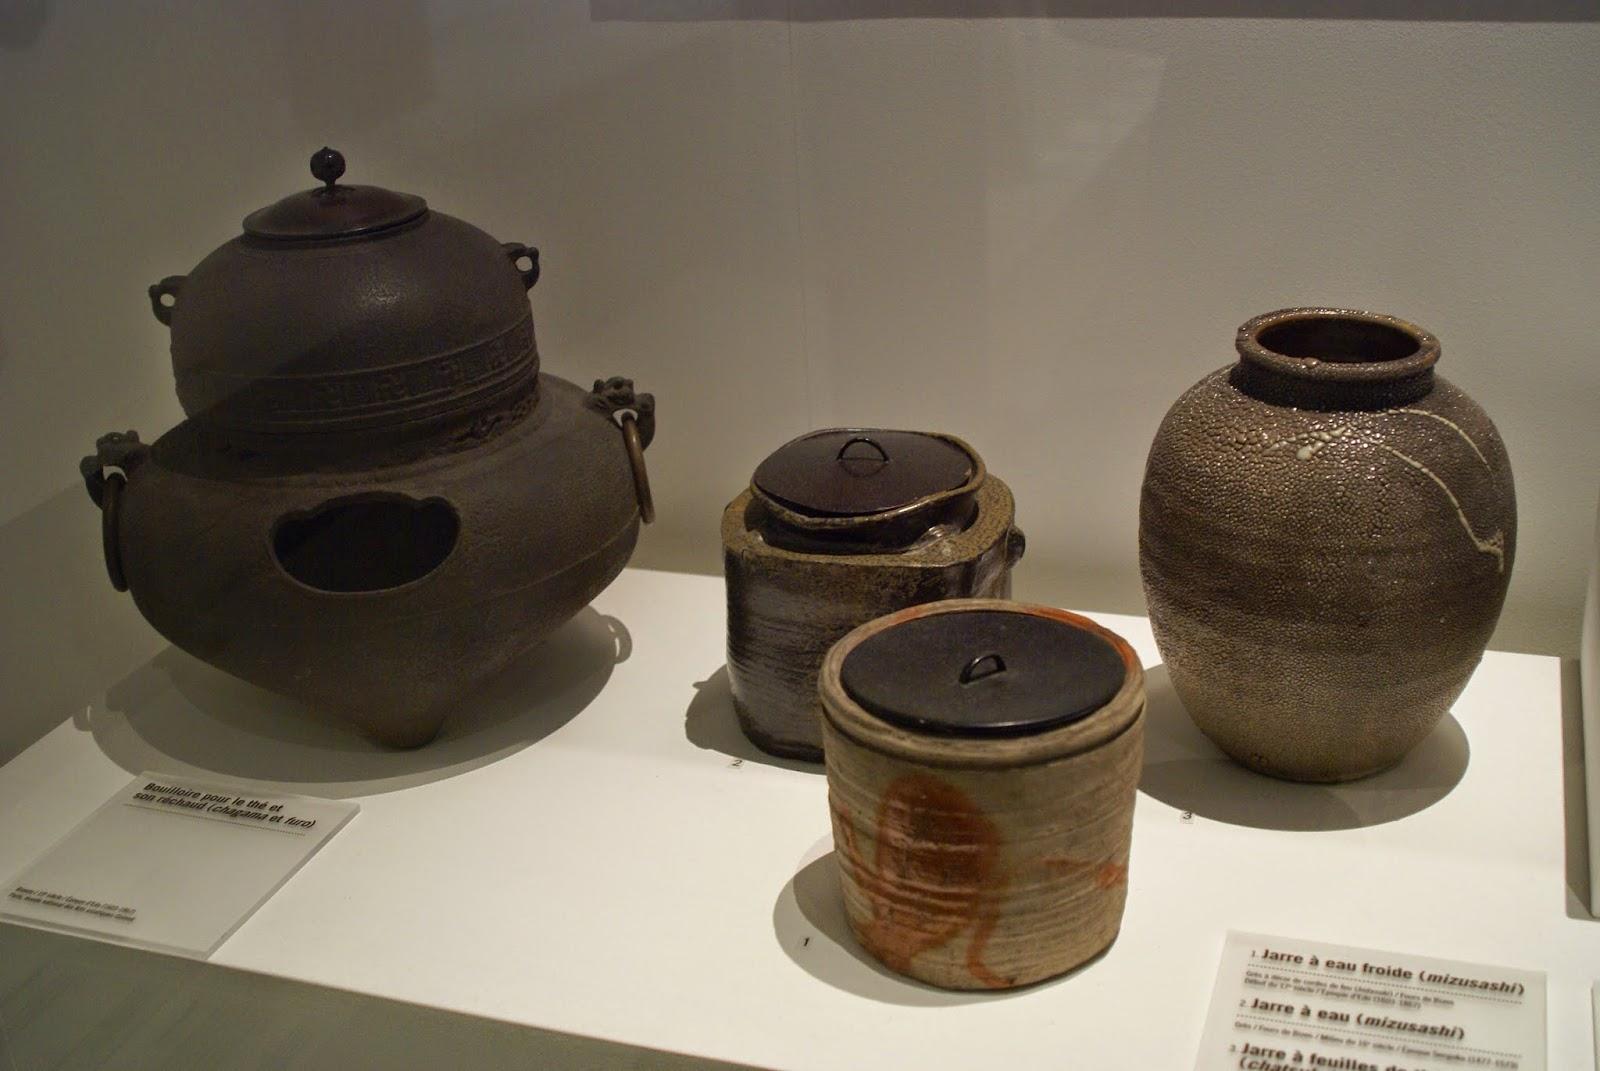 Samouraï - 1000 ans d'histoire du Japon exposition nantes